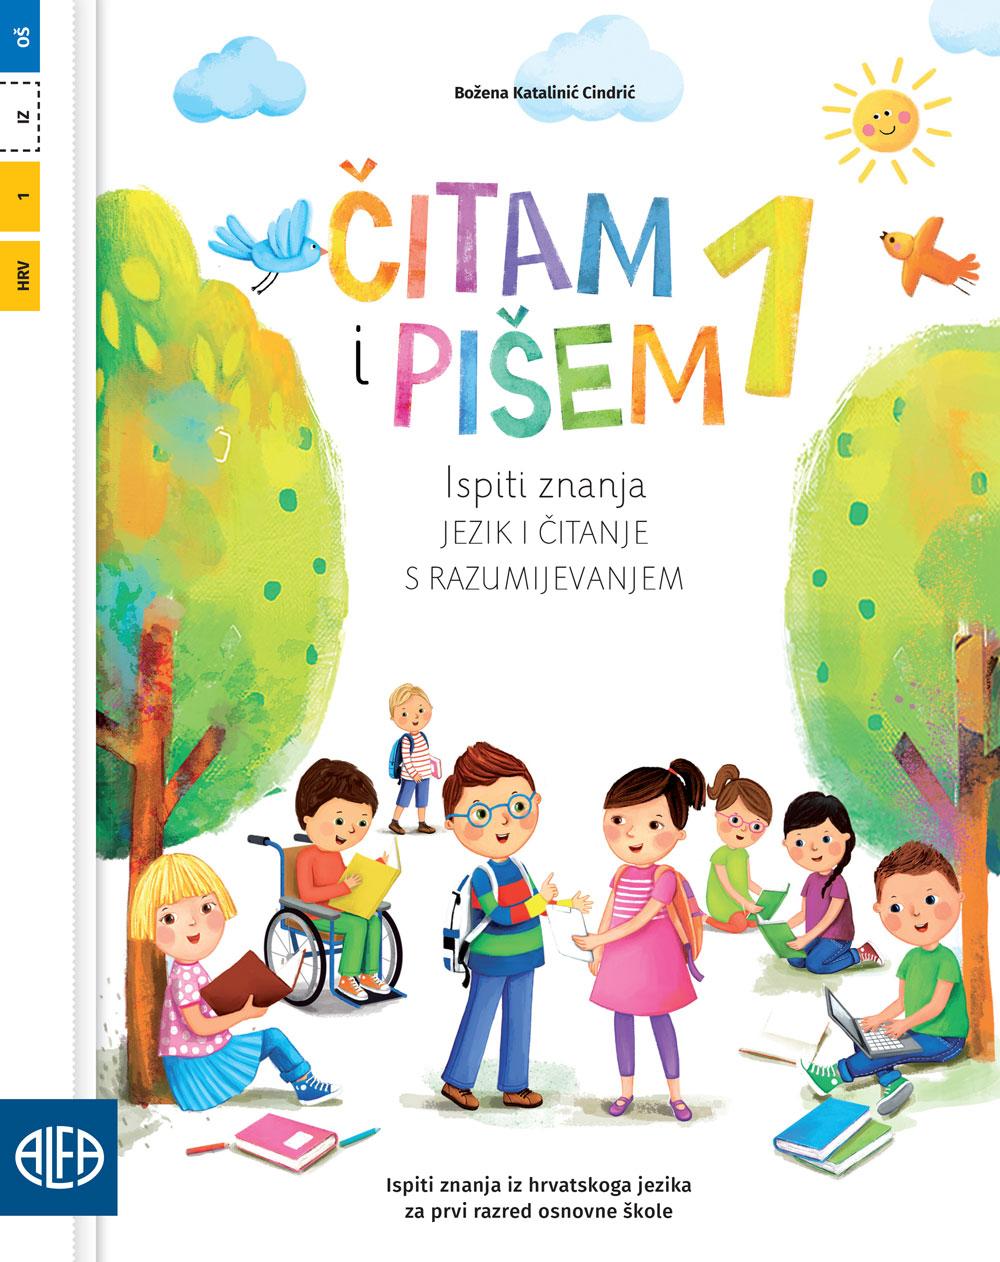 Ispiti znanja iz hrvatskoga jezika za prvi razred osnovne škole